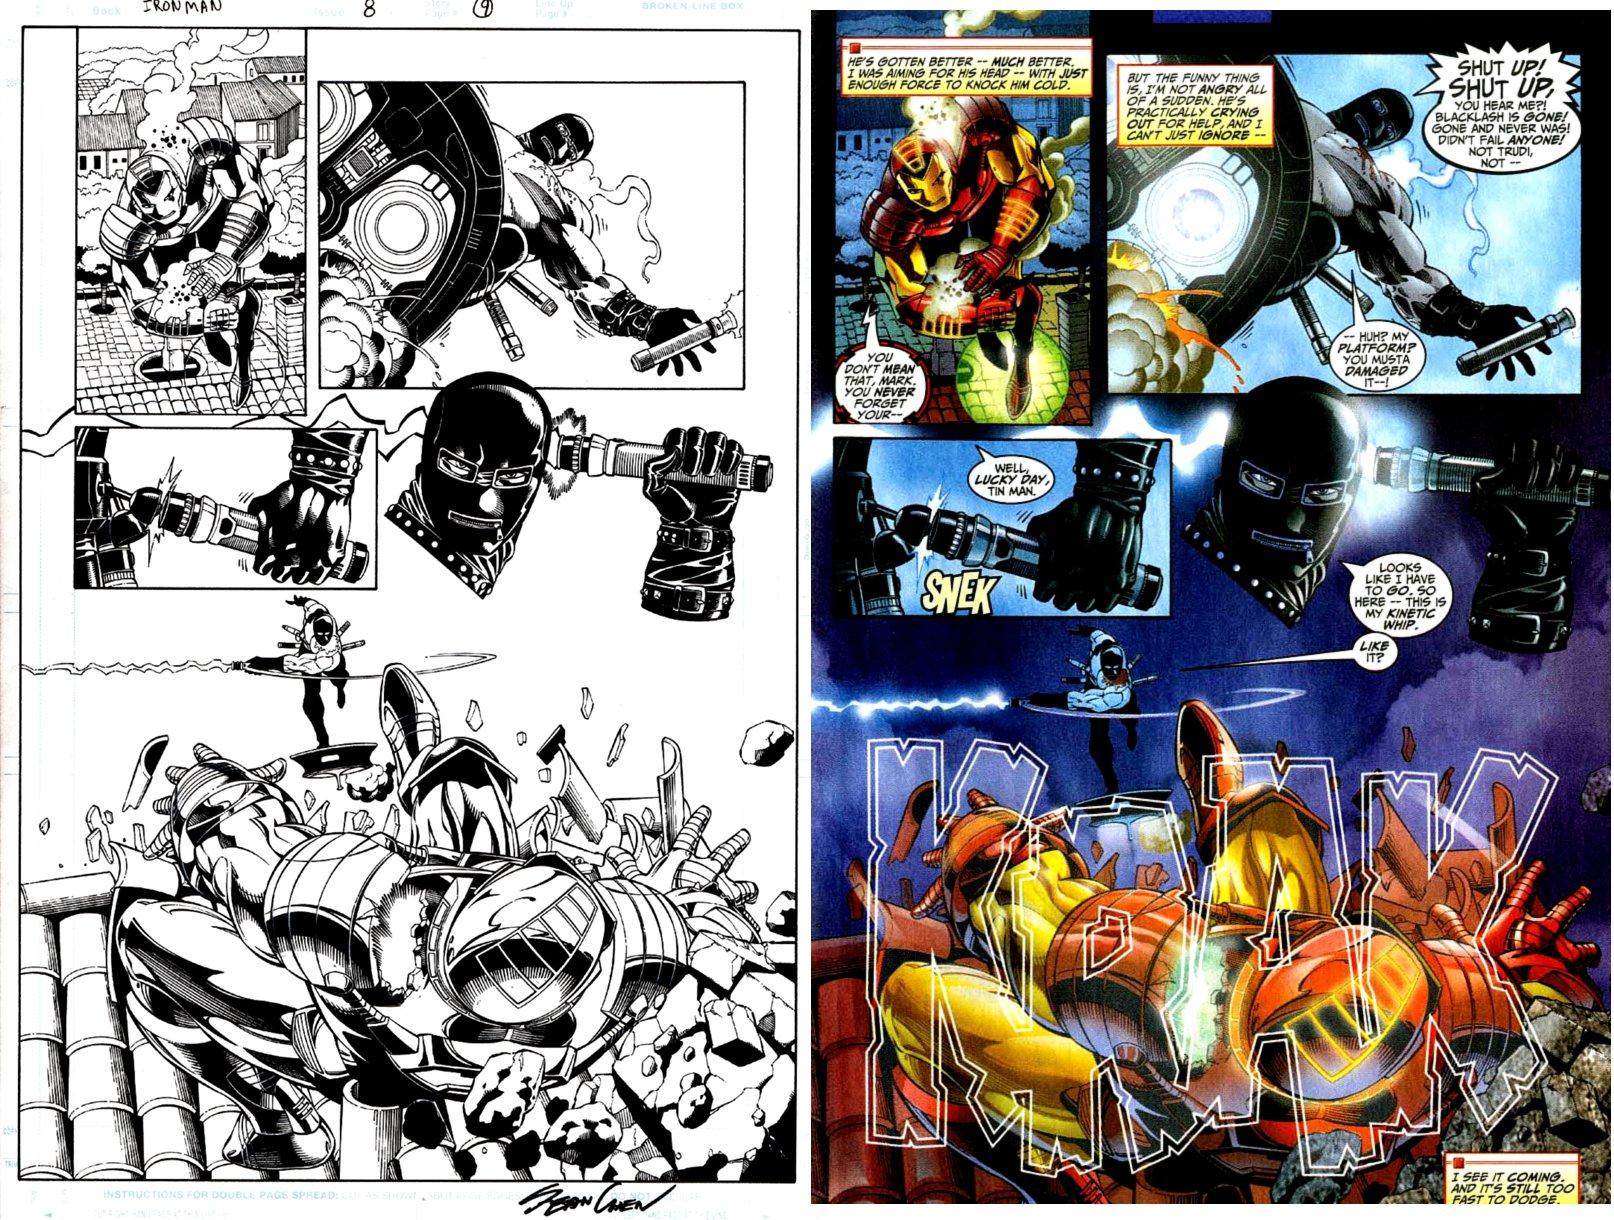 Iron Man 8 Pg. 9 Semi-Splash - IRON MAN BATTLES WHIPLASH (BILL-LASH!) 1998)